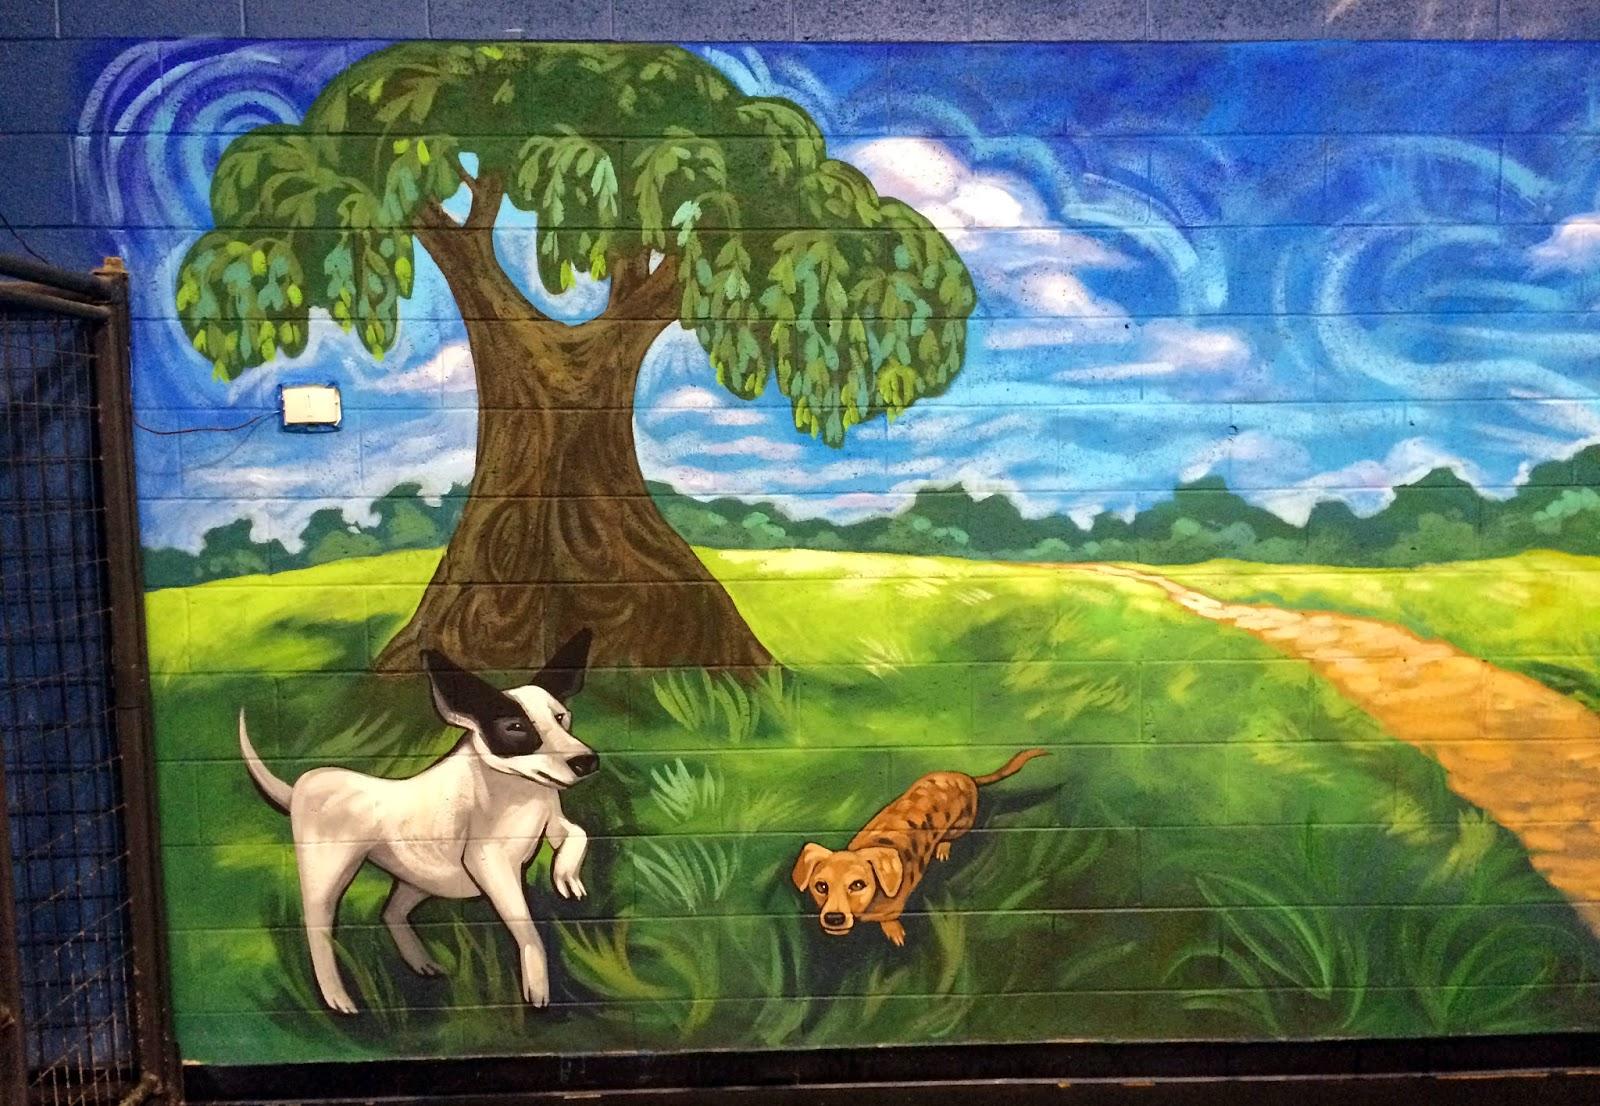 doggie daycare mural, dog mural, barkzone, dog boarding mural, dog groomer mural